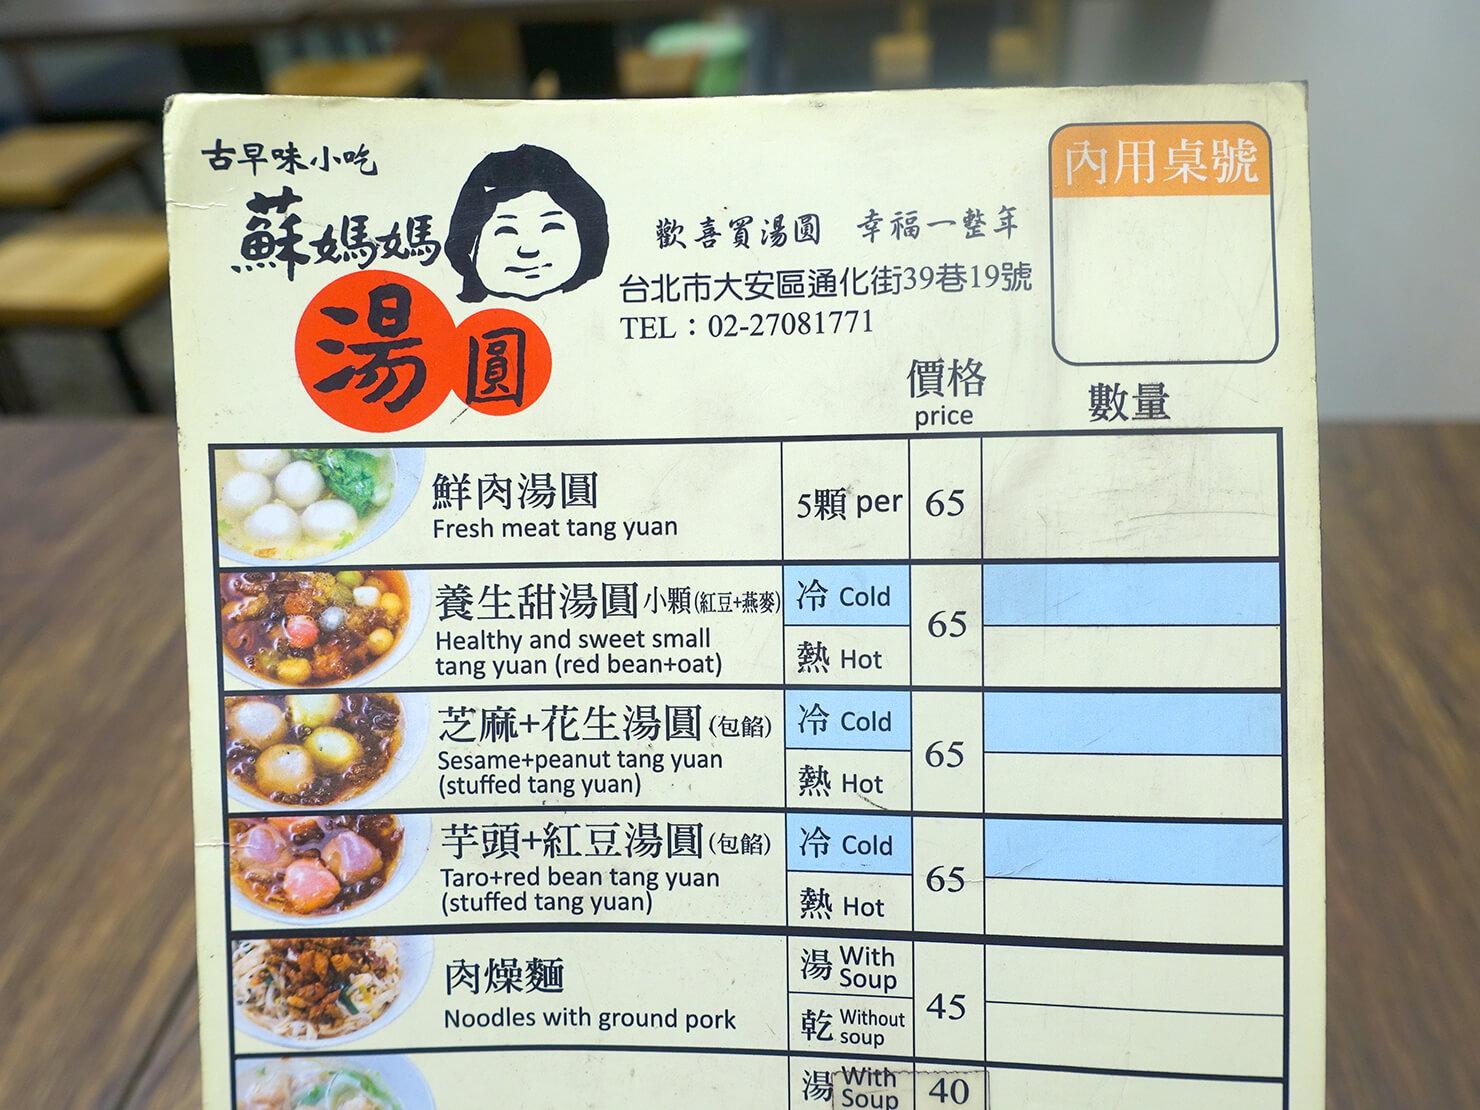 台北・臨江街夜市のおすすめグルメ店「蘇媽媽湯圓」のメニュー